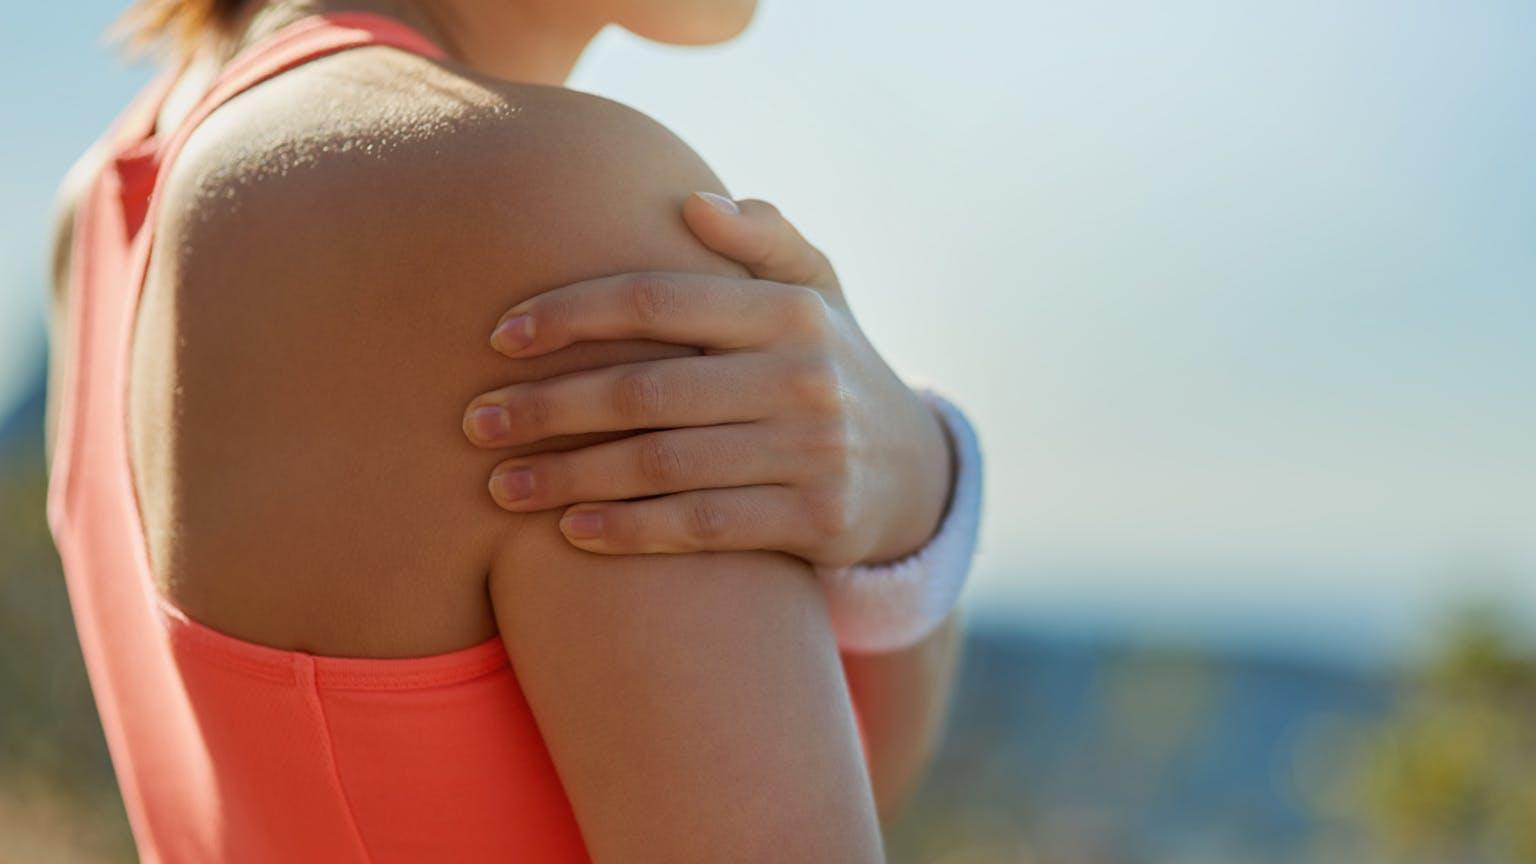 Comment éviter la tendinite en natation ?